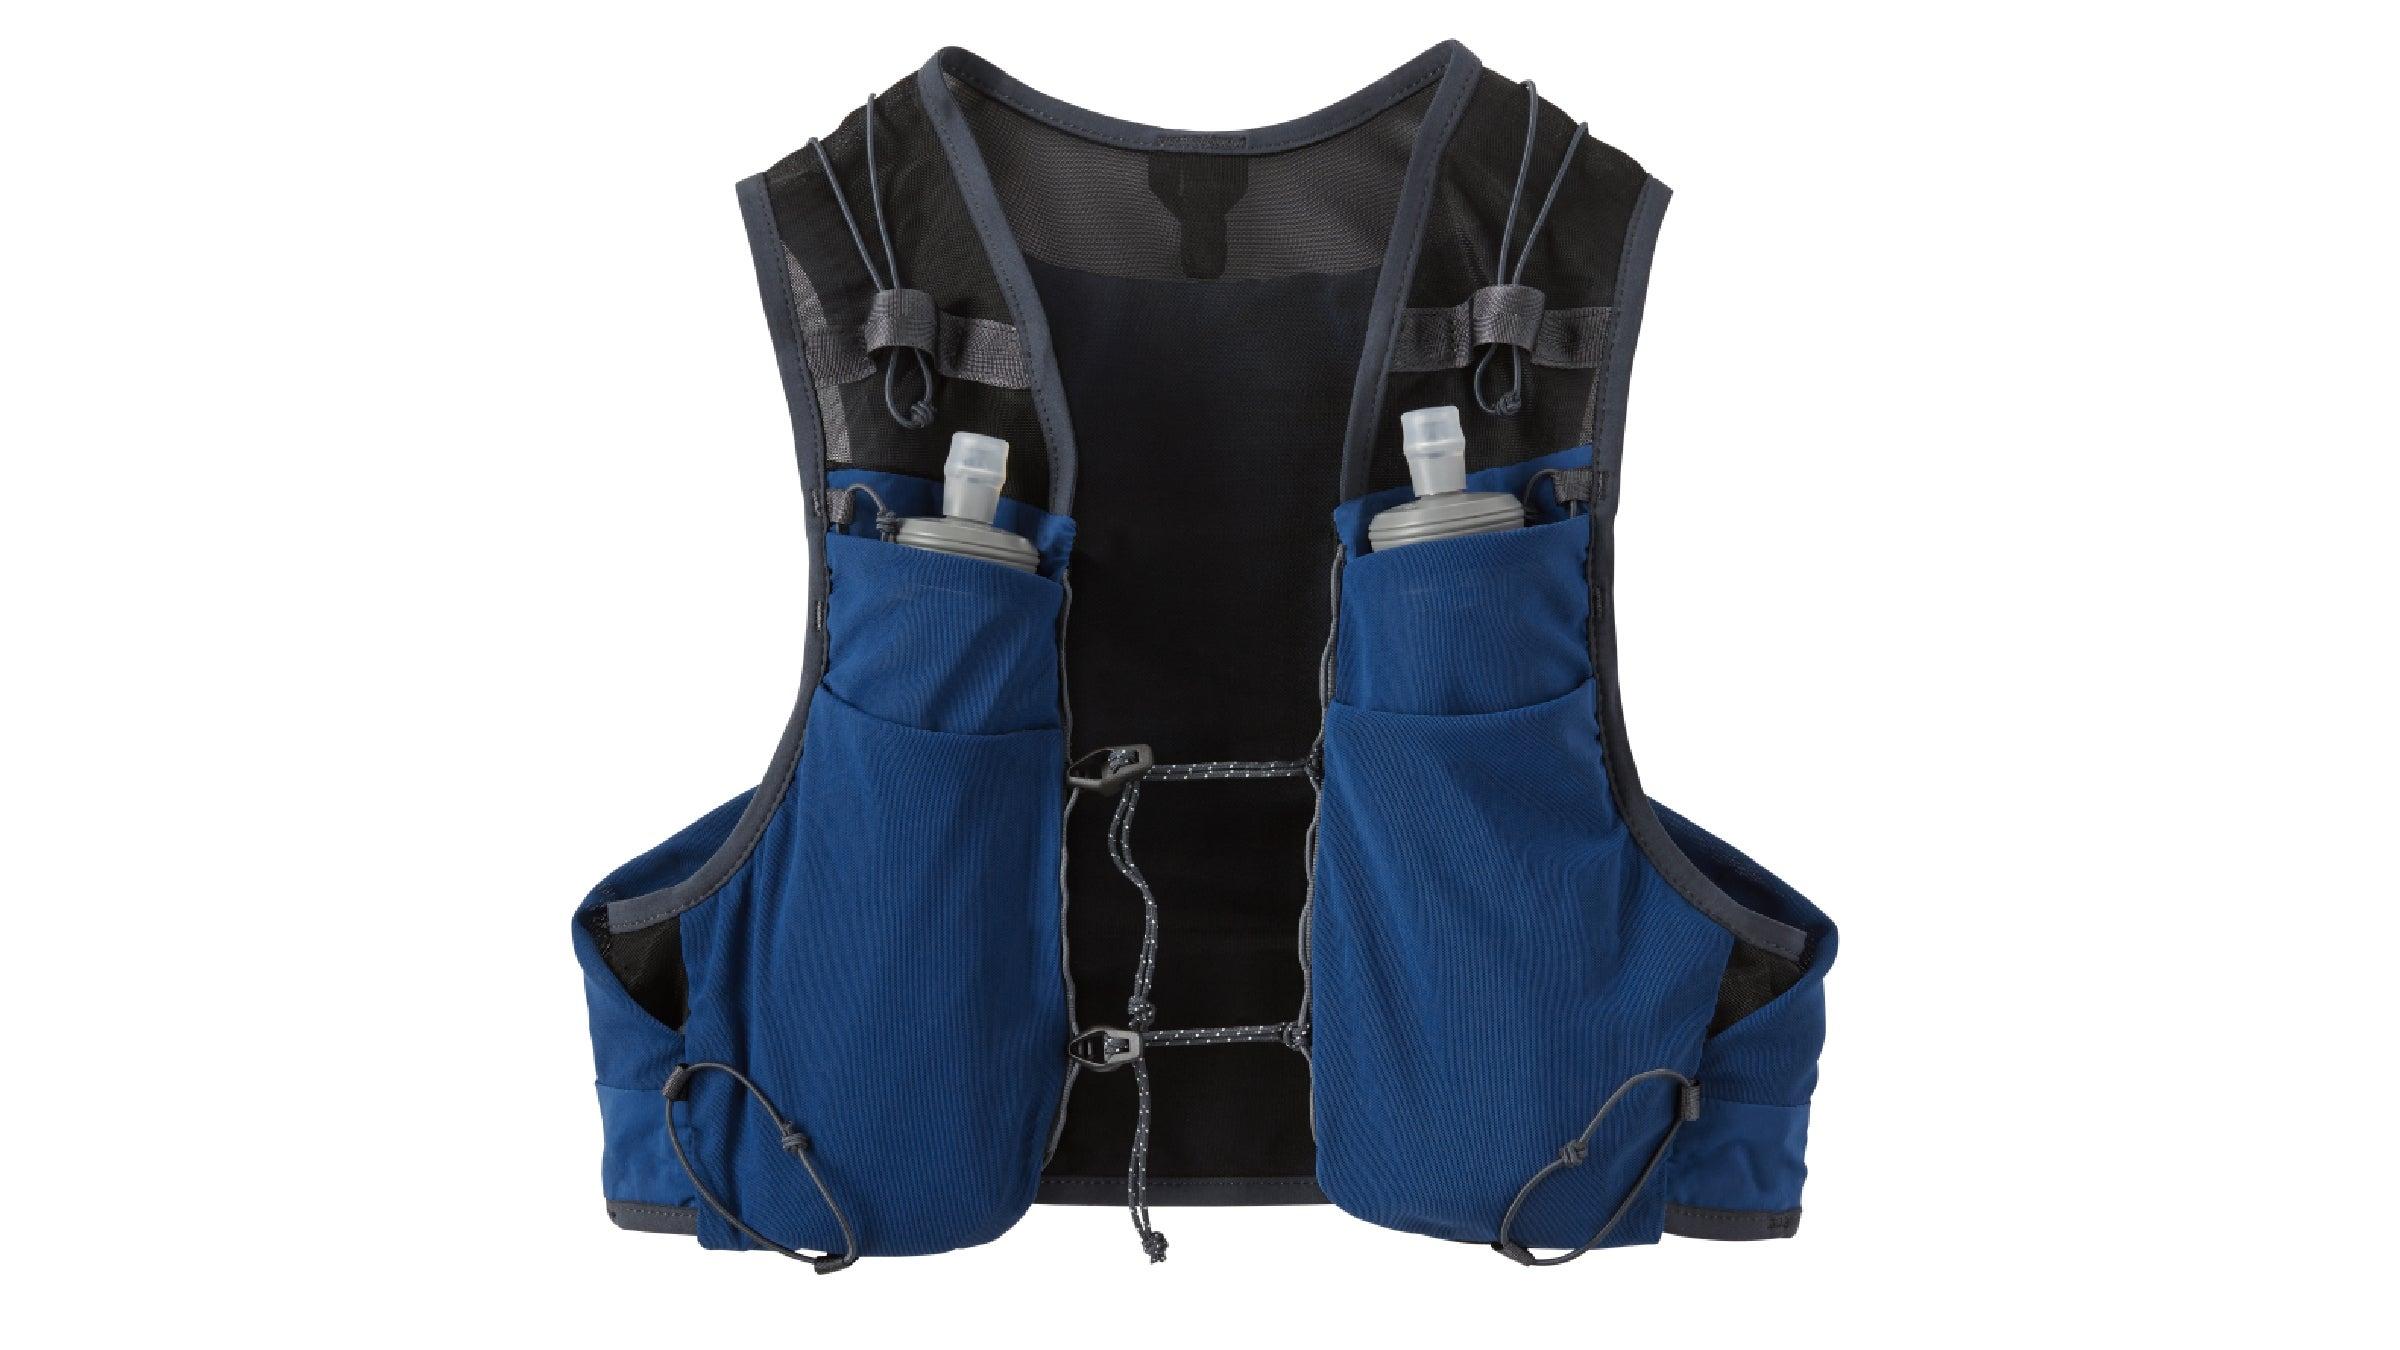 Blue Patagonia slope endurance vest